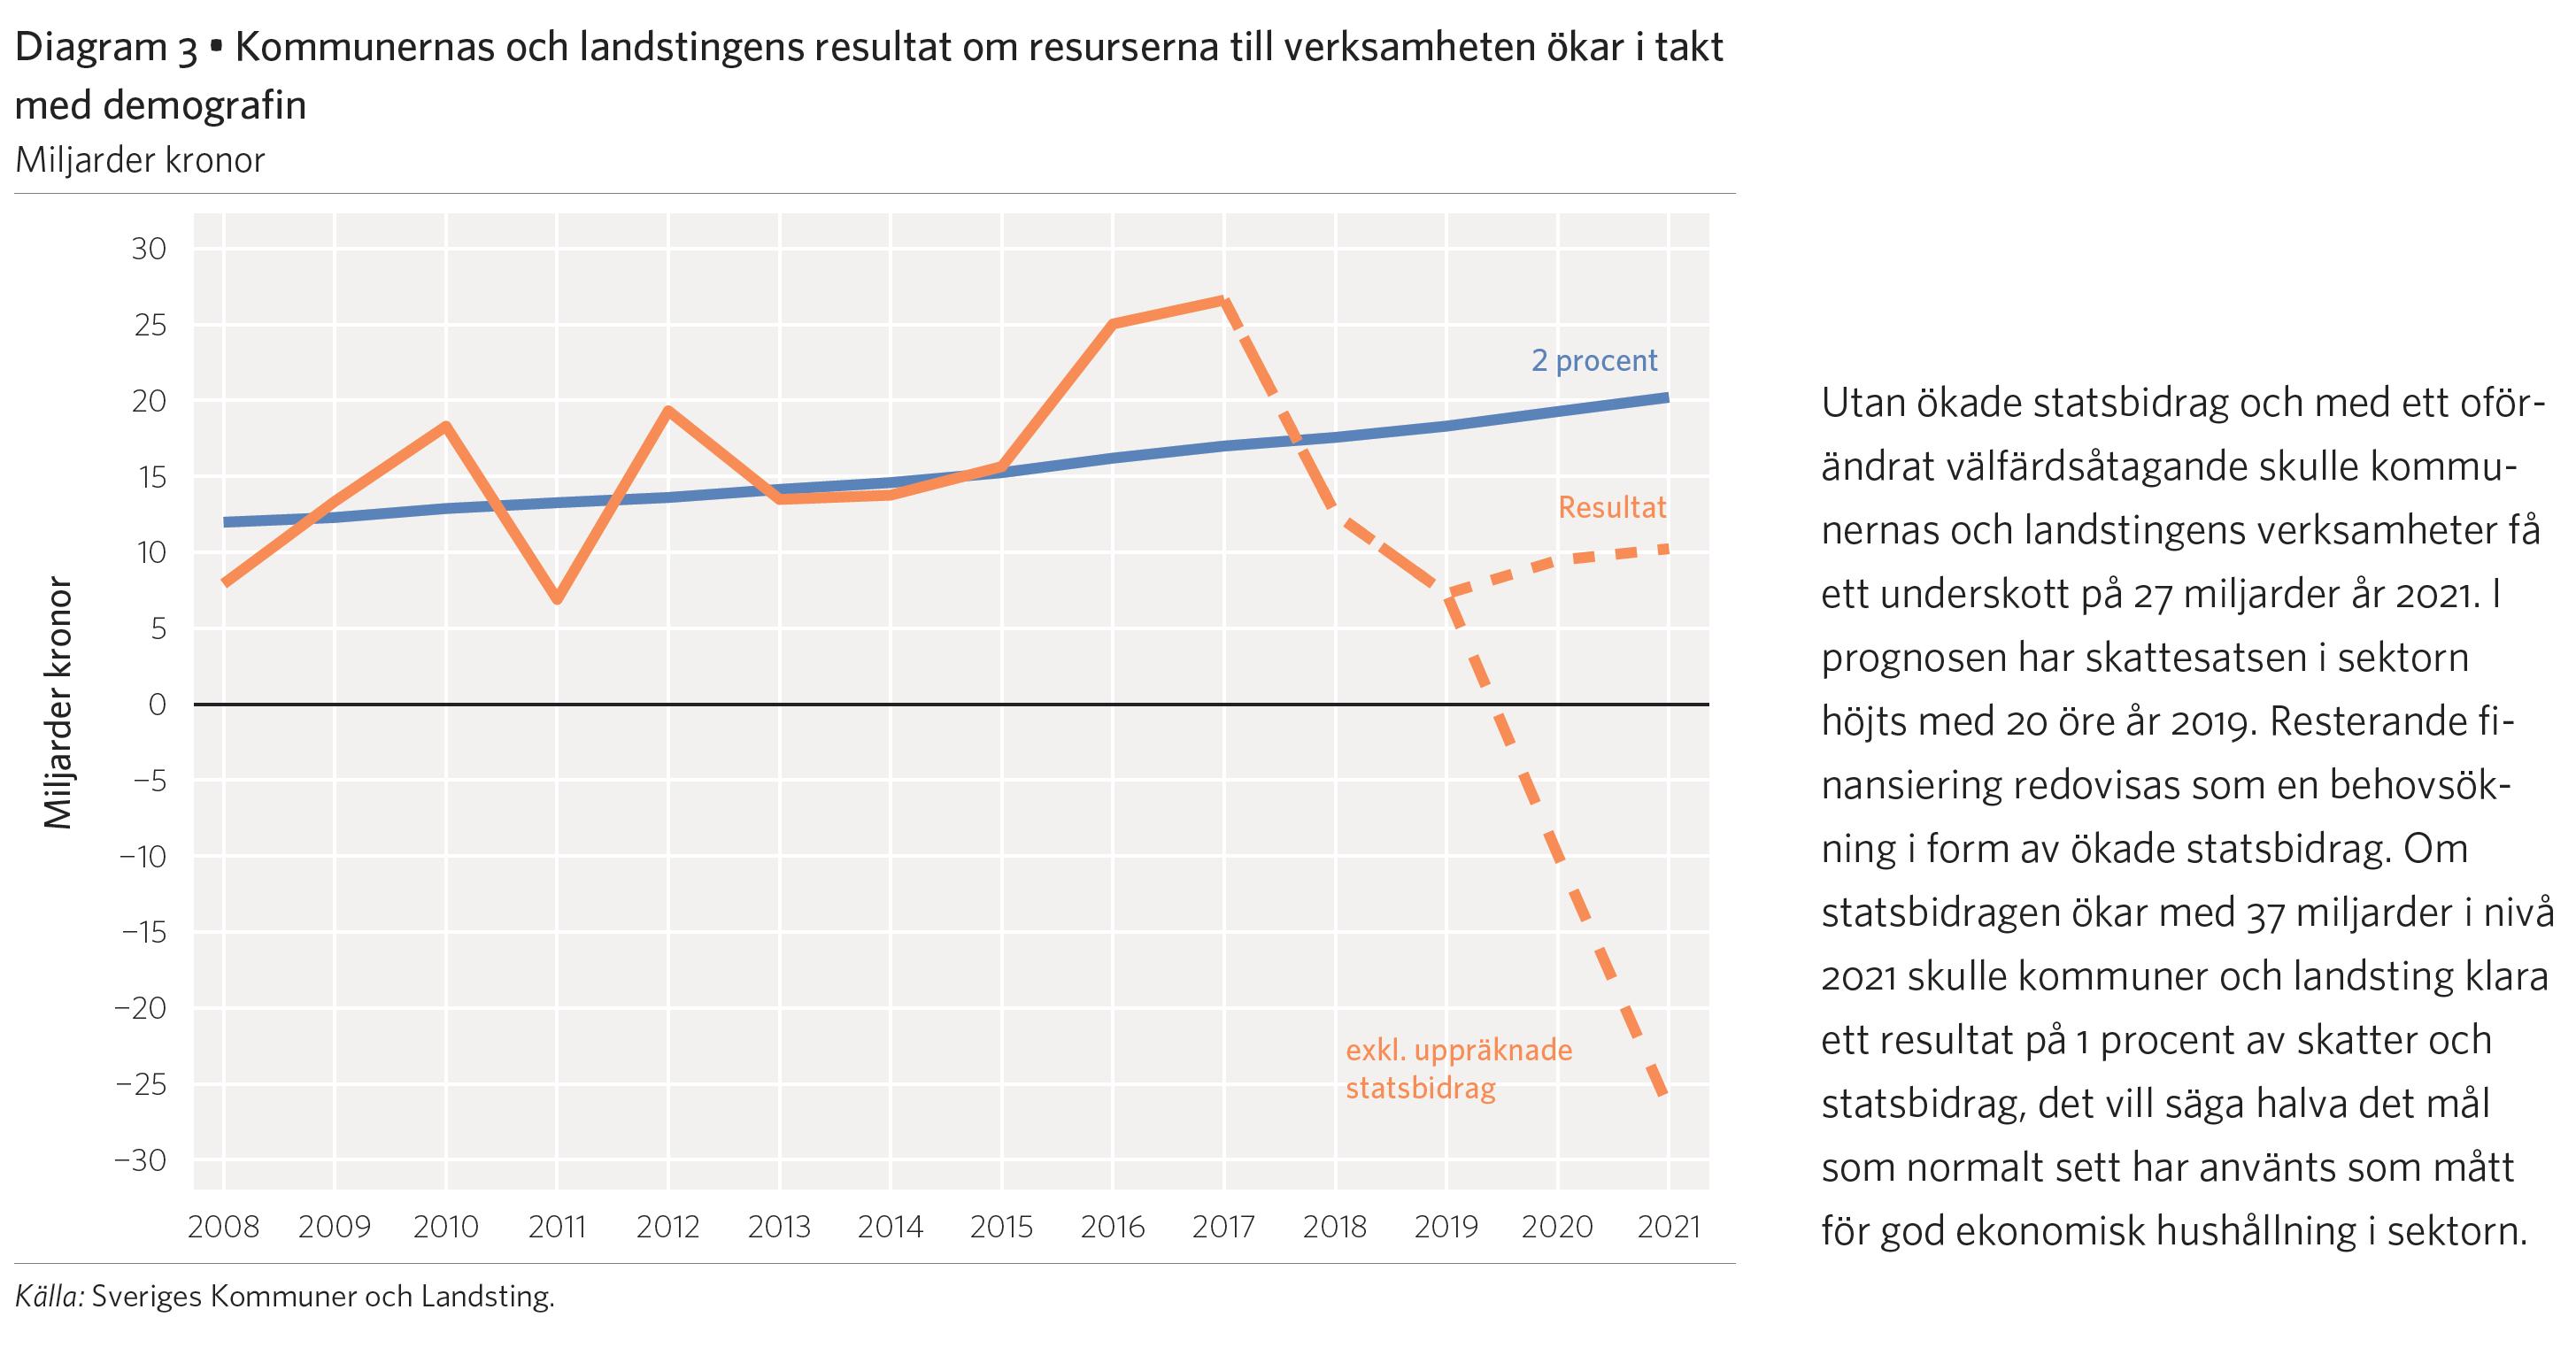 SKL_2018_Kommun_Landstring_resultat_-2021